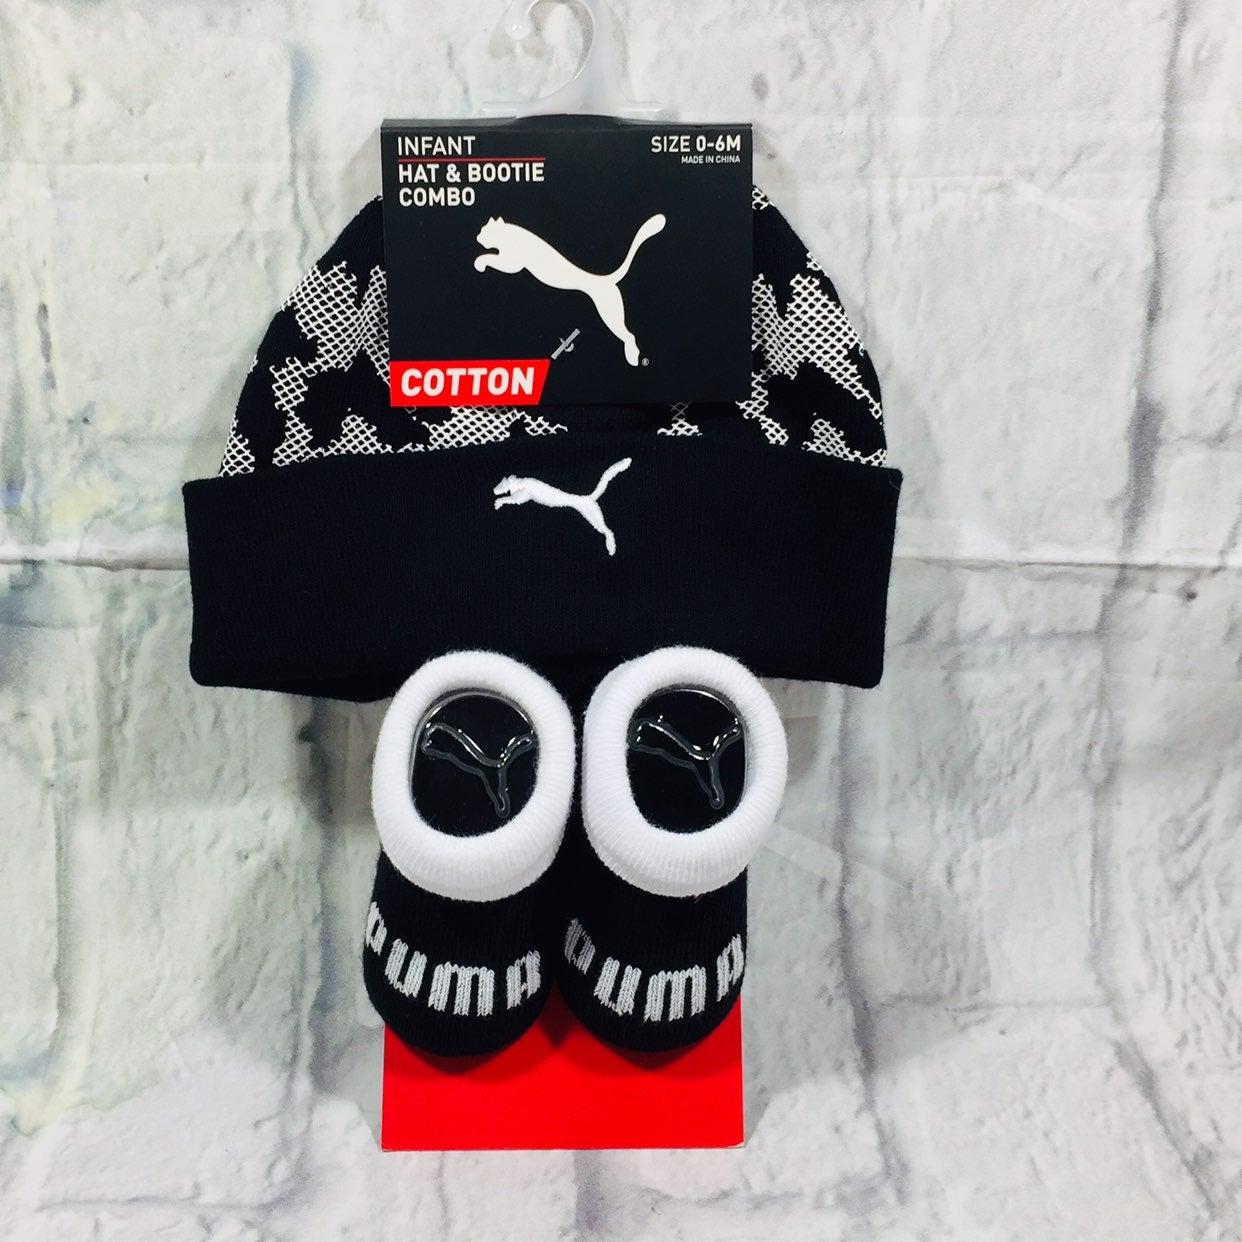 Puma Infant Hat & Bootie Set